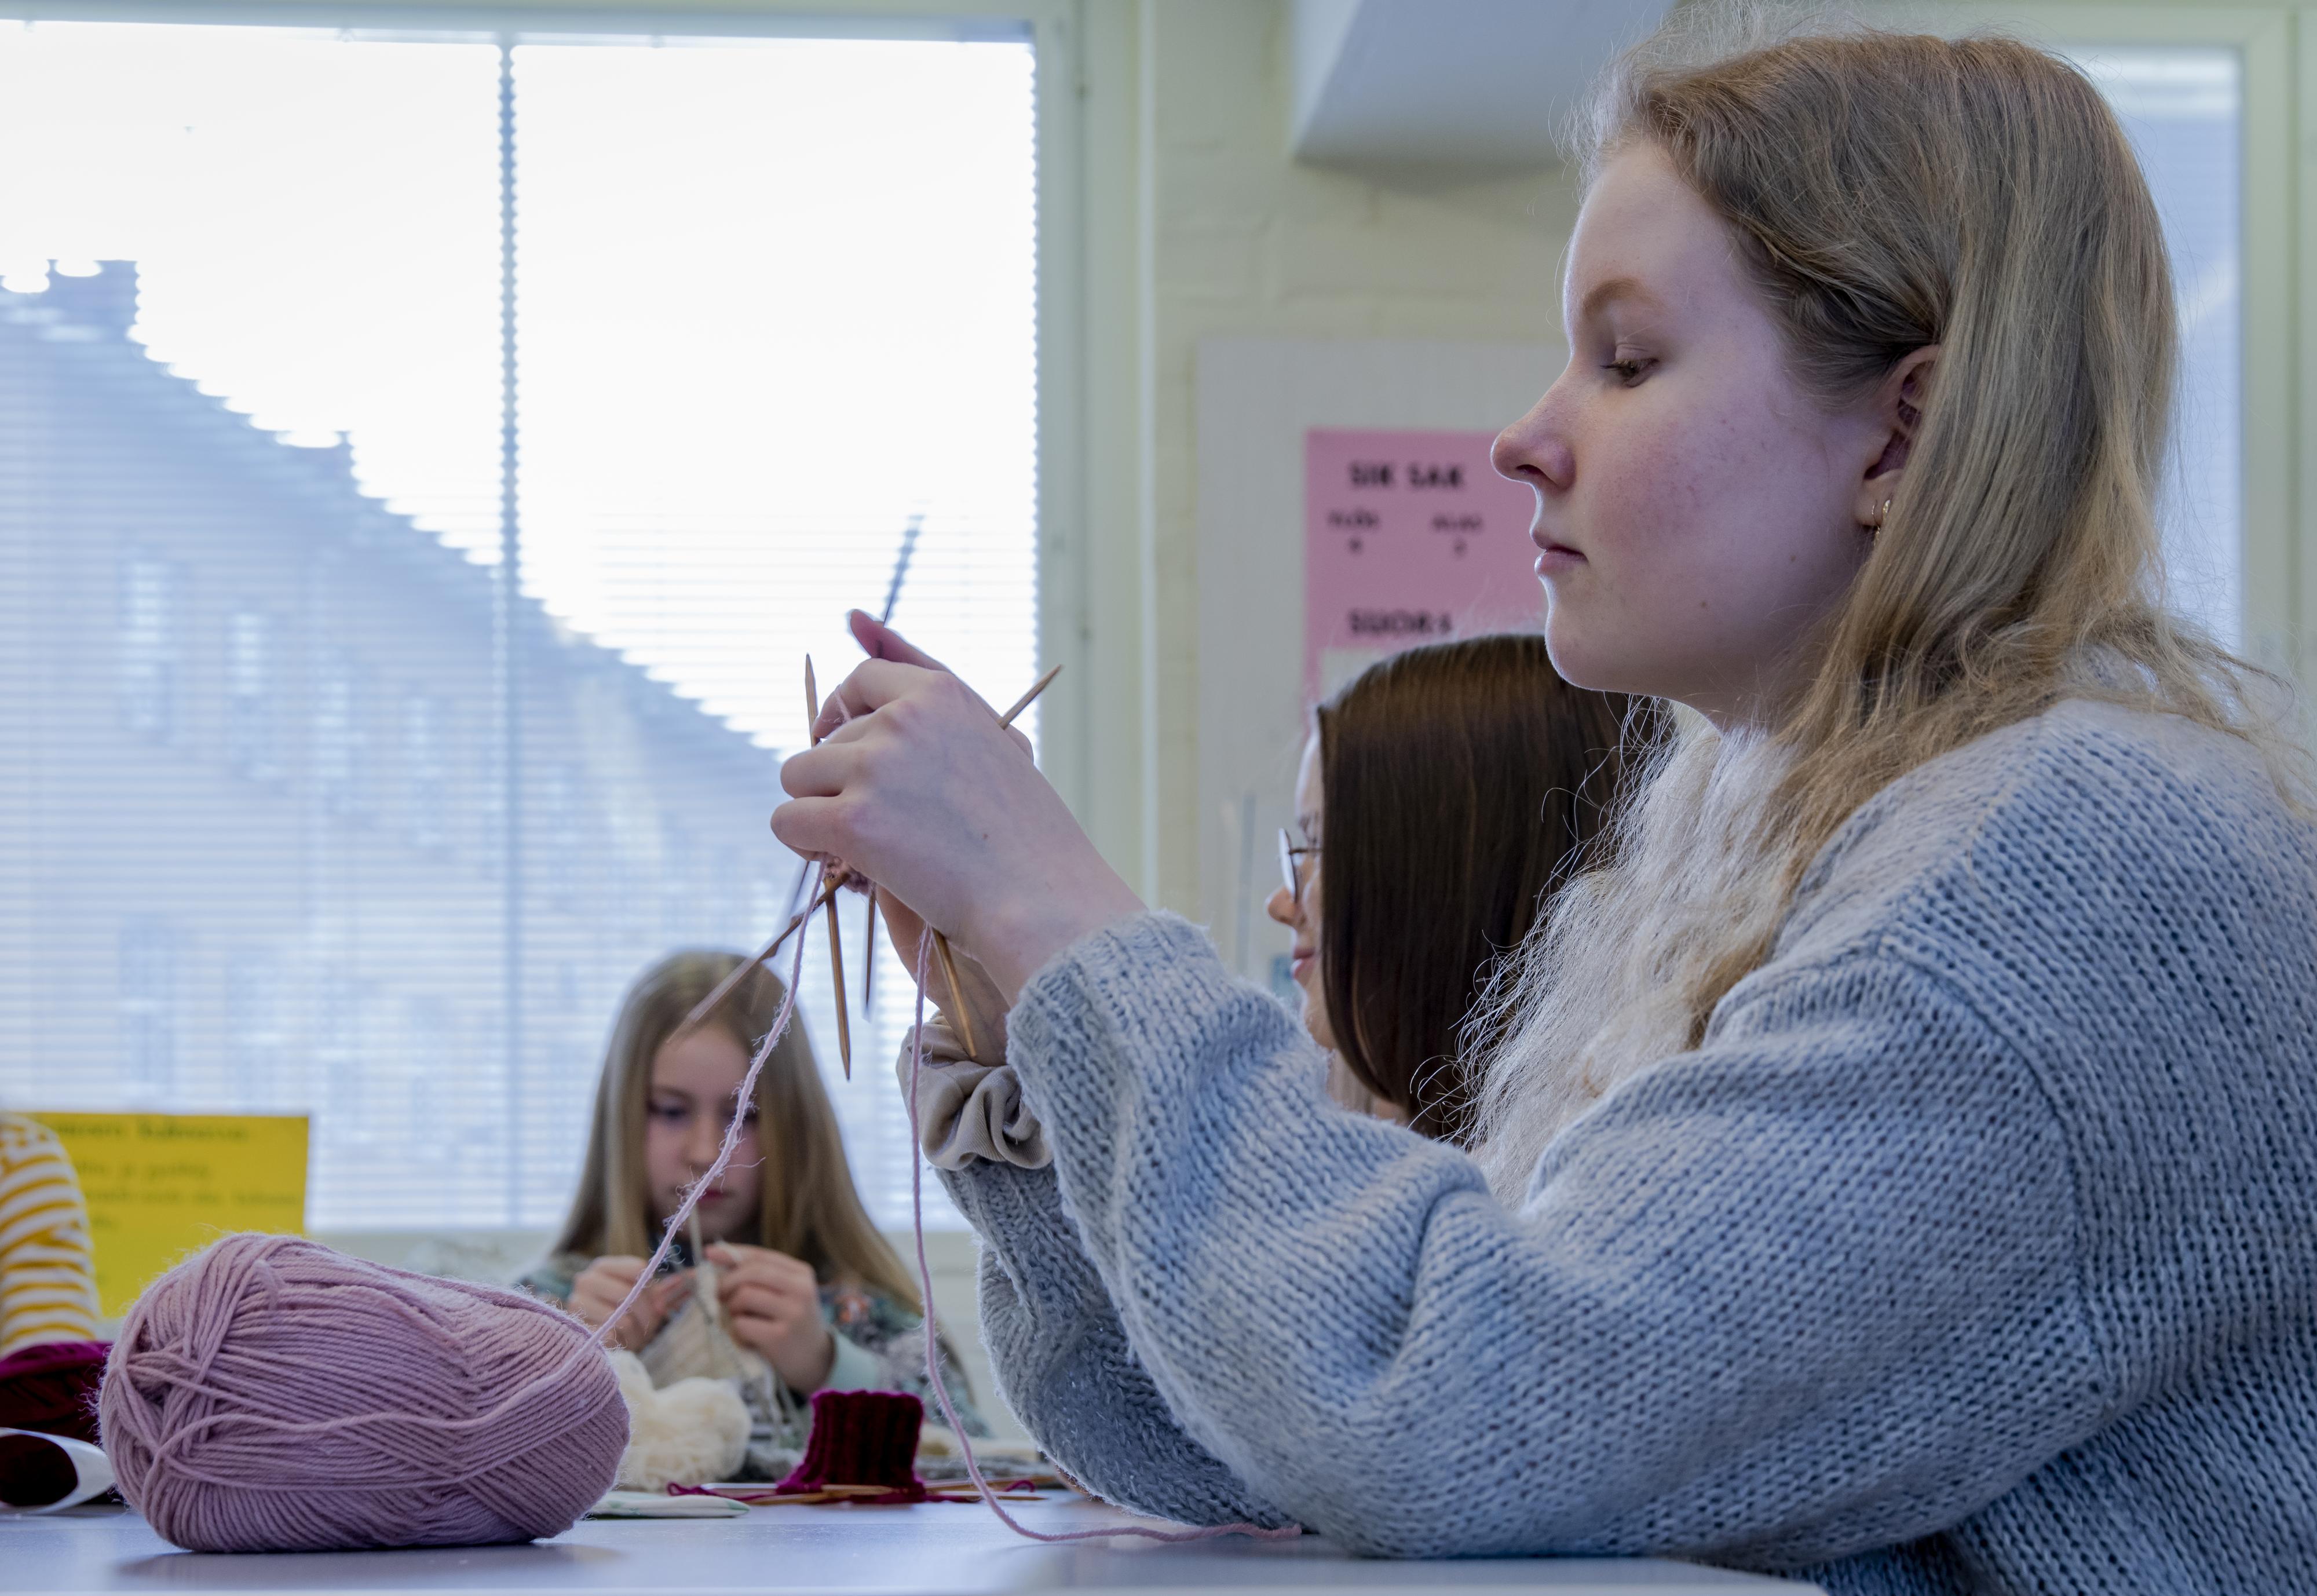 Kultavuoren koulun oppilas neuloo käsityötunnilla villasukkaa.